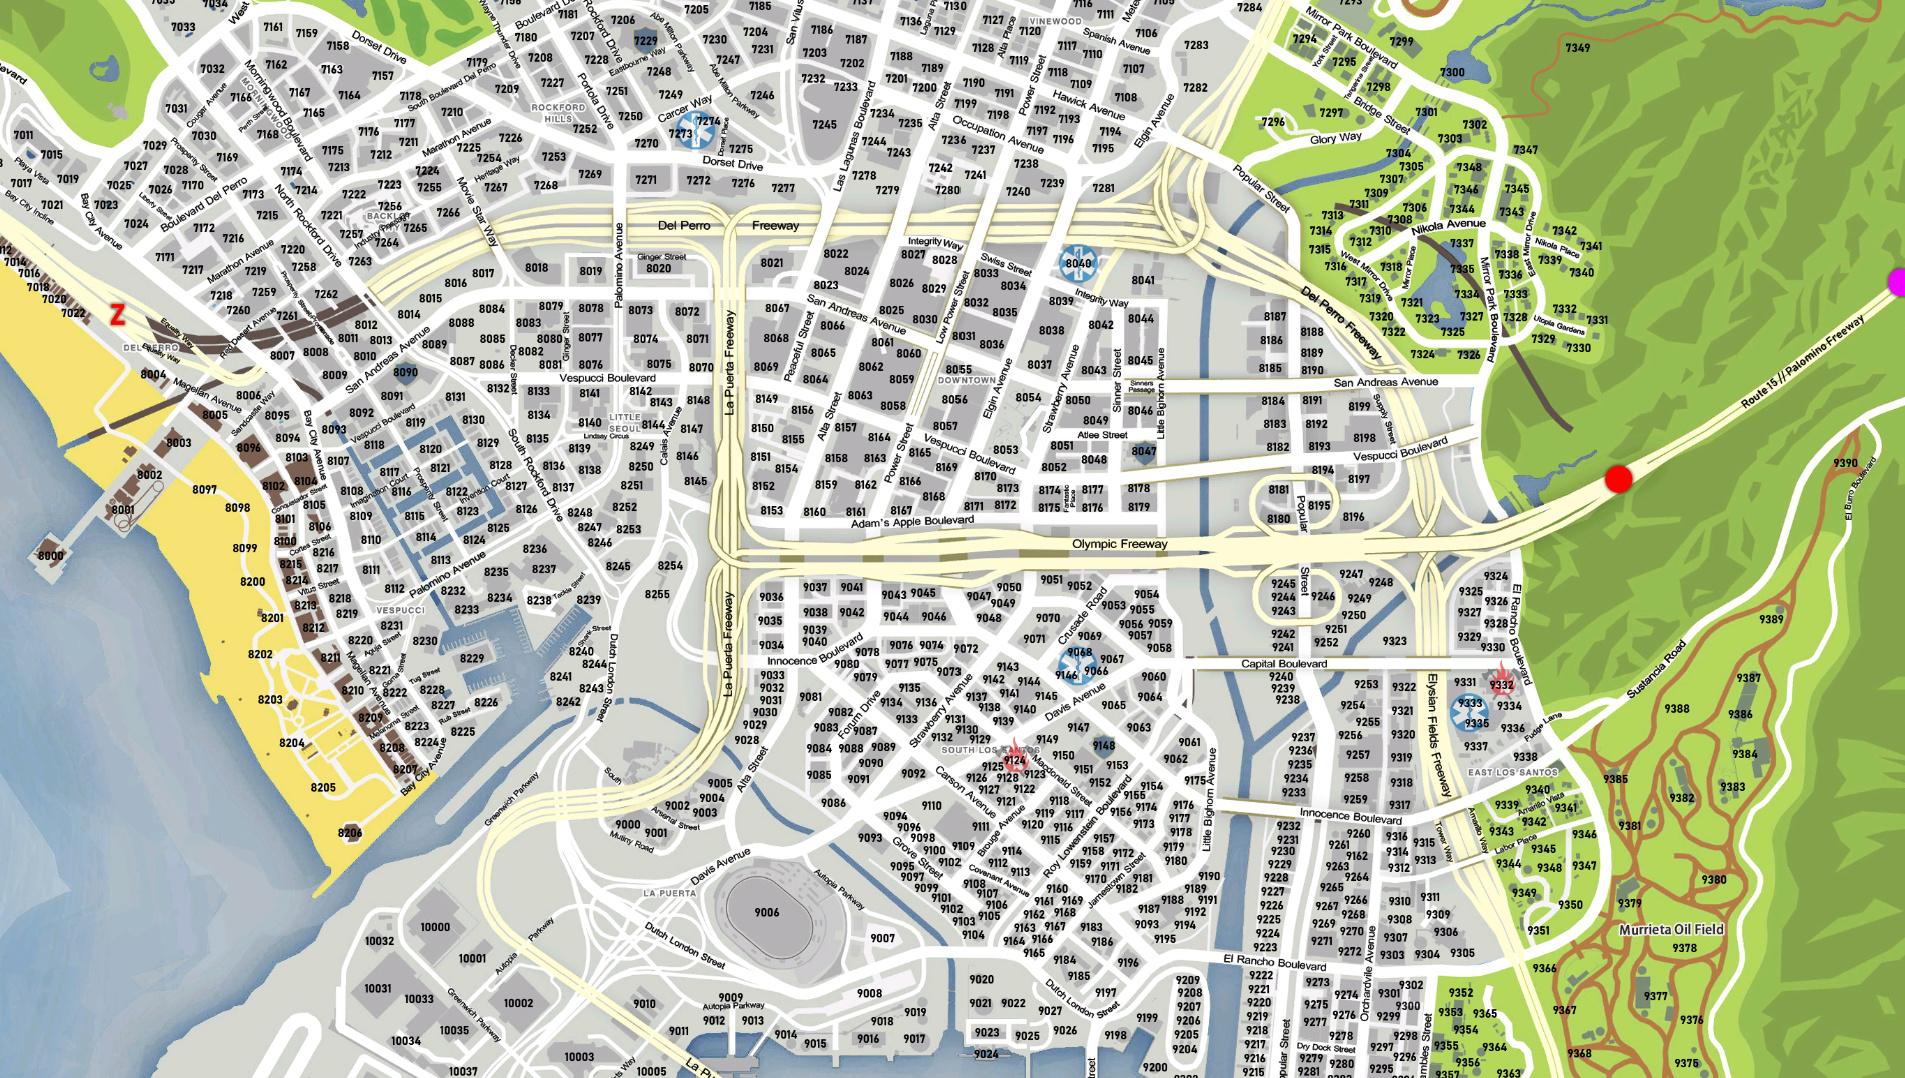 gta postal code map pdf